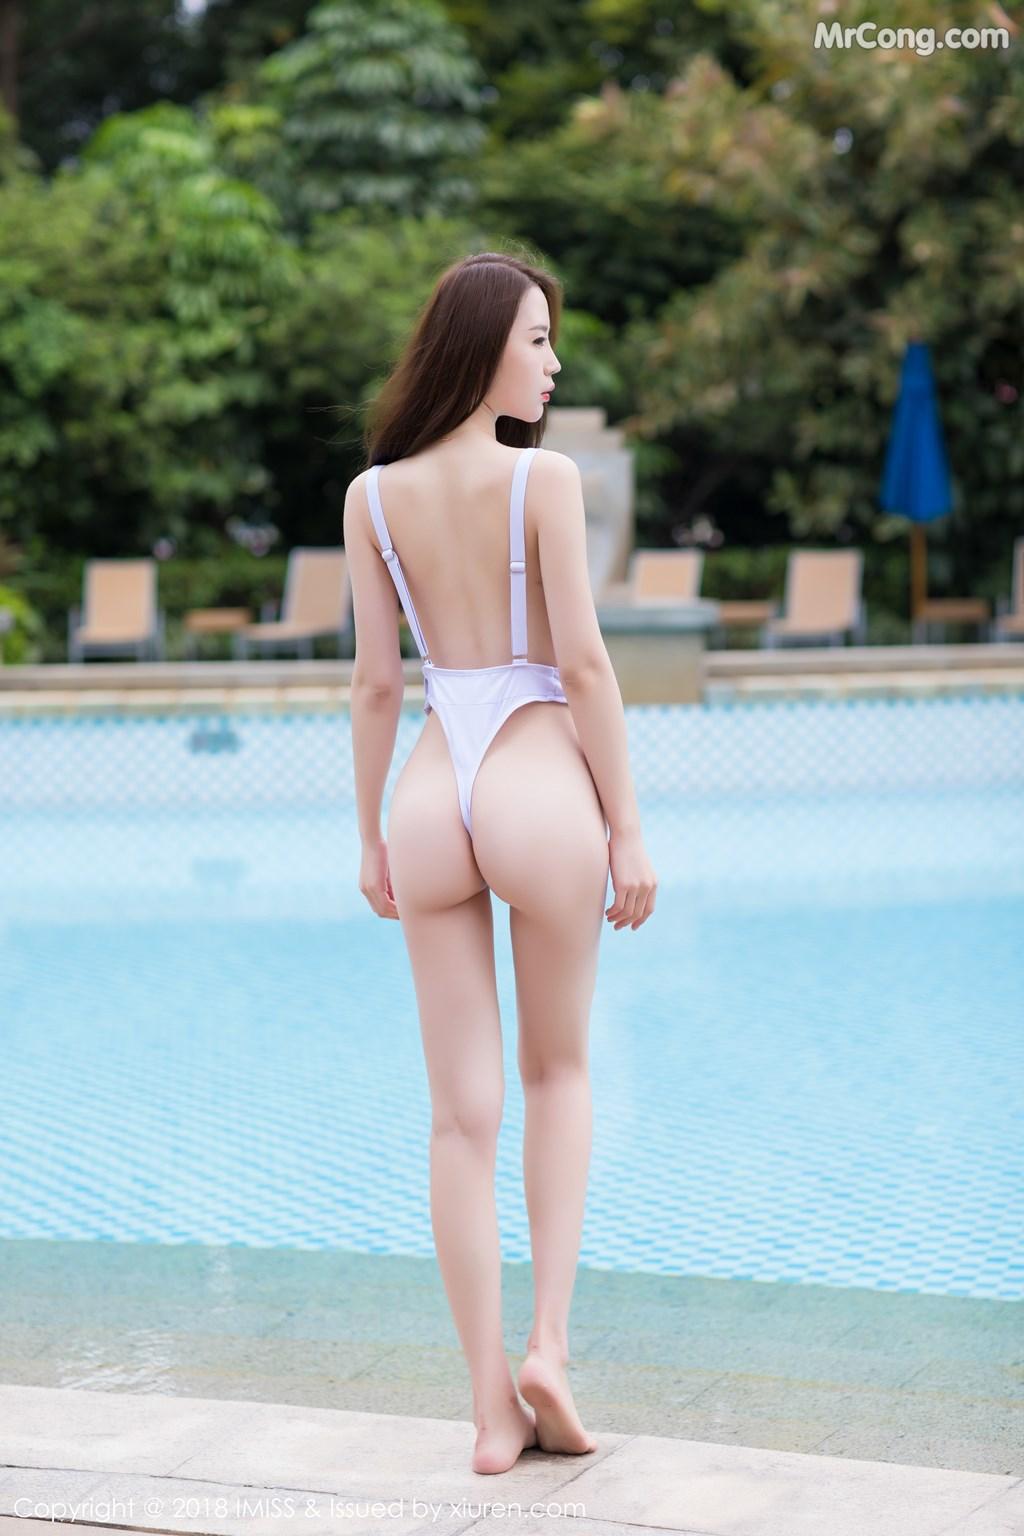 Image IMISS-Vol.226-Meng-Xin-Yue-MrCong.com-003 in post IMISS Vol.226: Người mẫu Meng Xin Yue (梦心月) (40 ảnh)